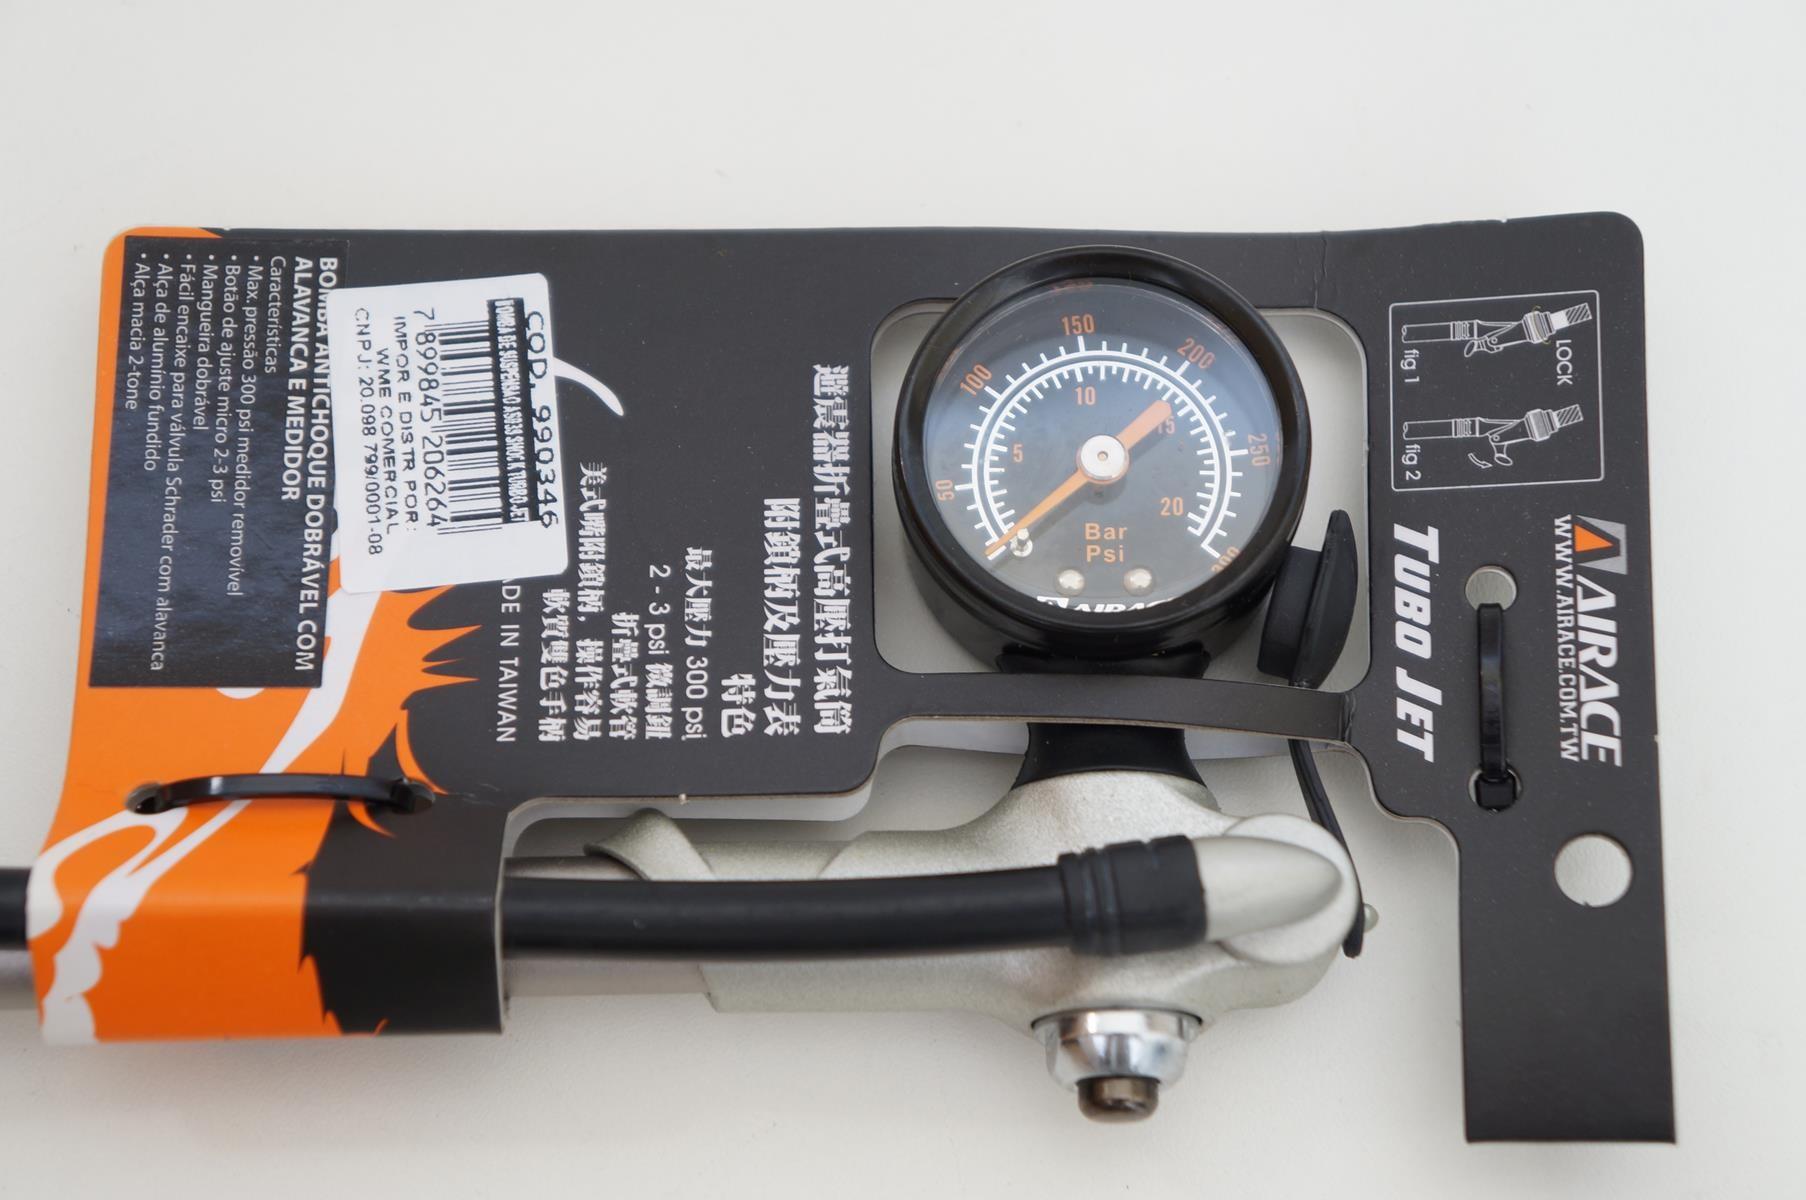 Bomba De Calibragem Ar Suspensão e Shock Airace Turbo Jet 300psi com Manômetro